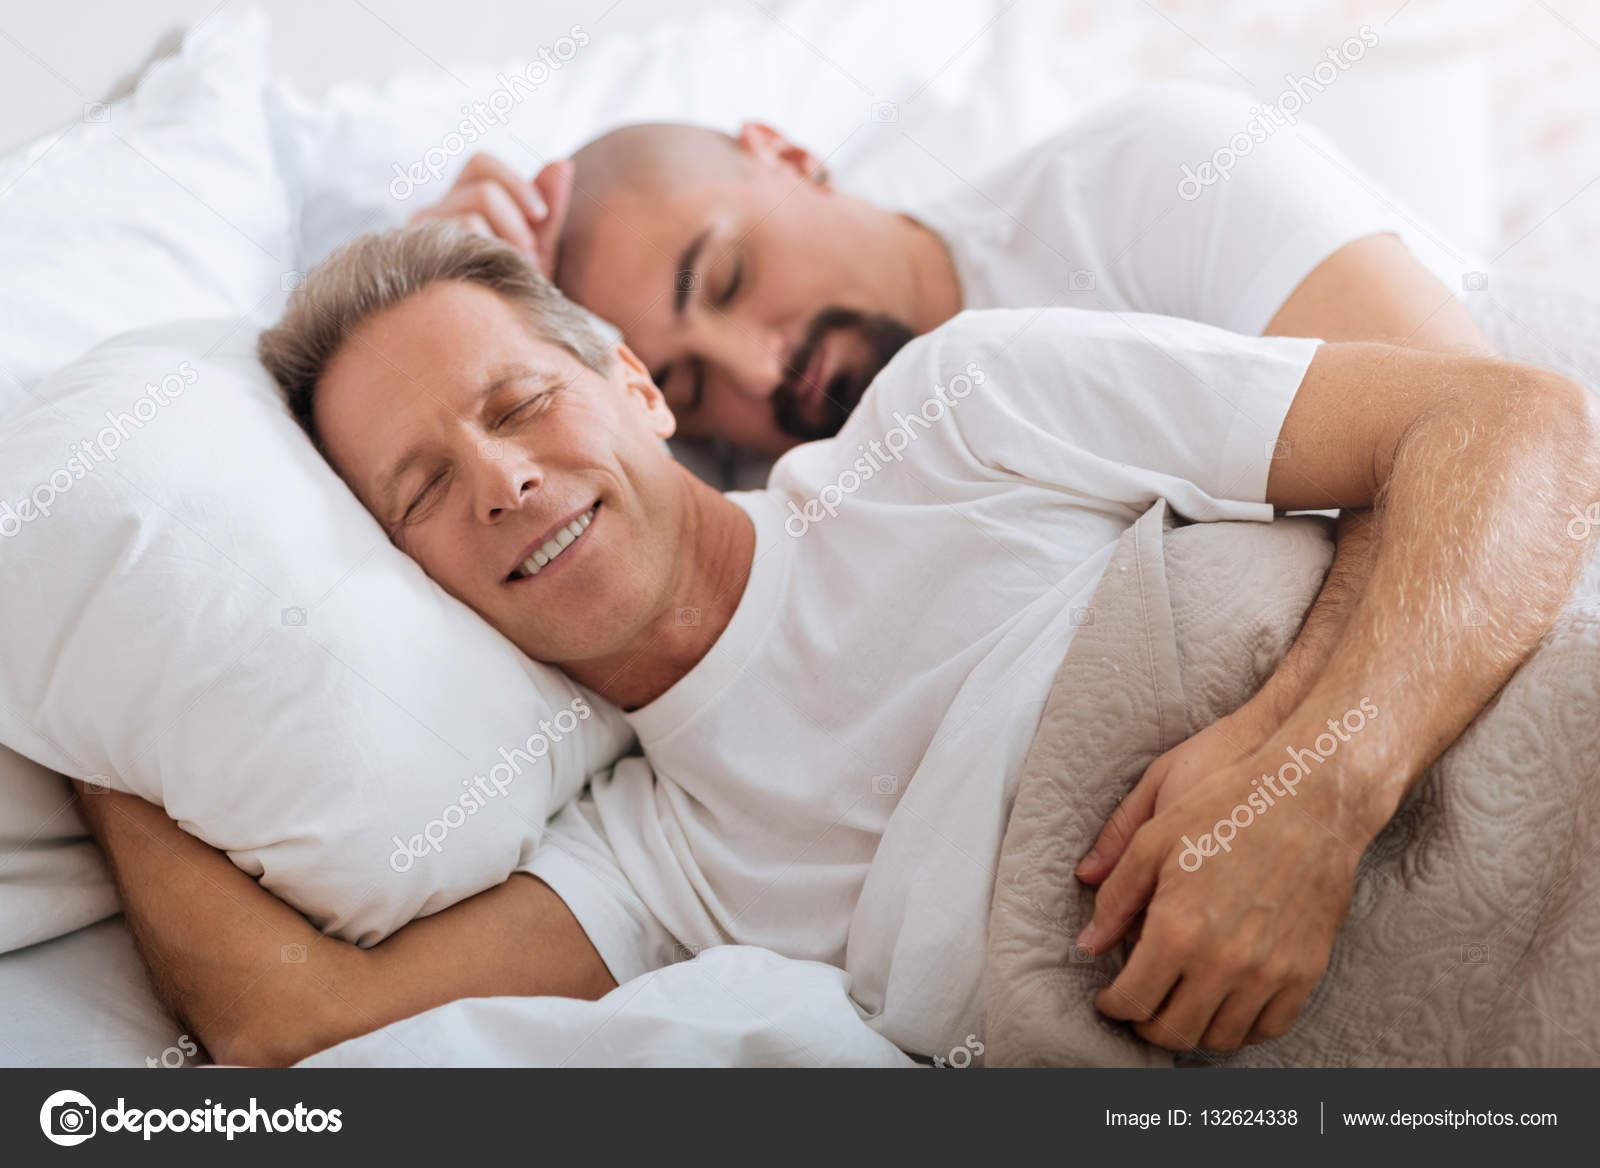 Сын трахнул спяши маму, Спящая мама, порно видео со спящей мамой онлайн 22 фотография